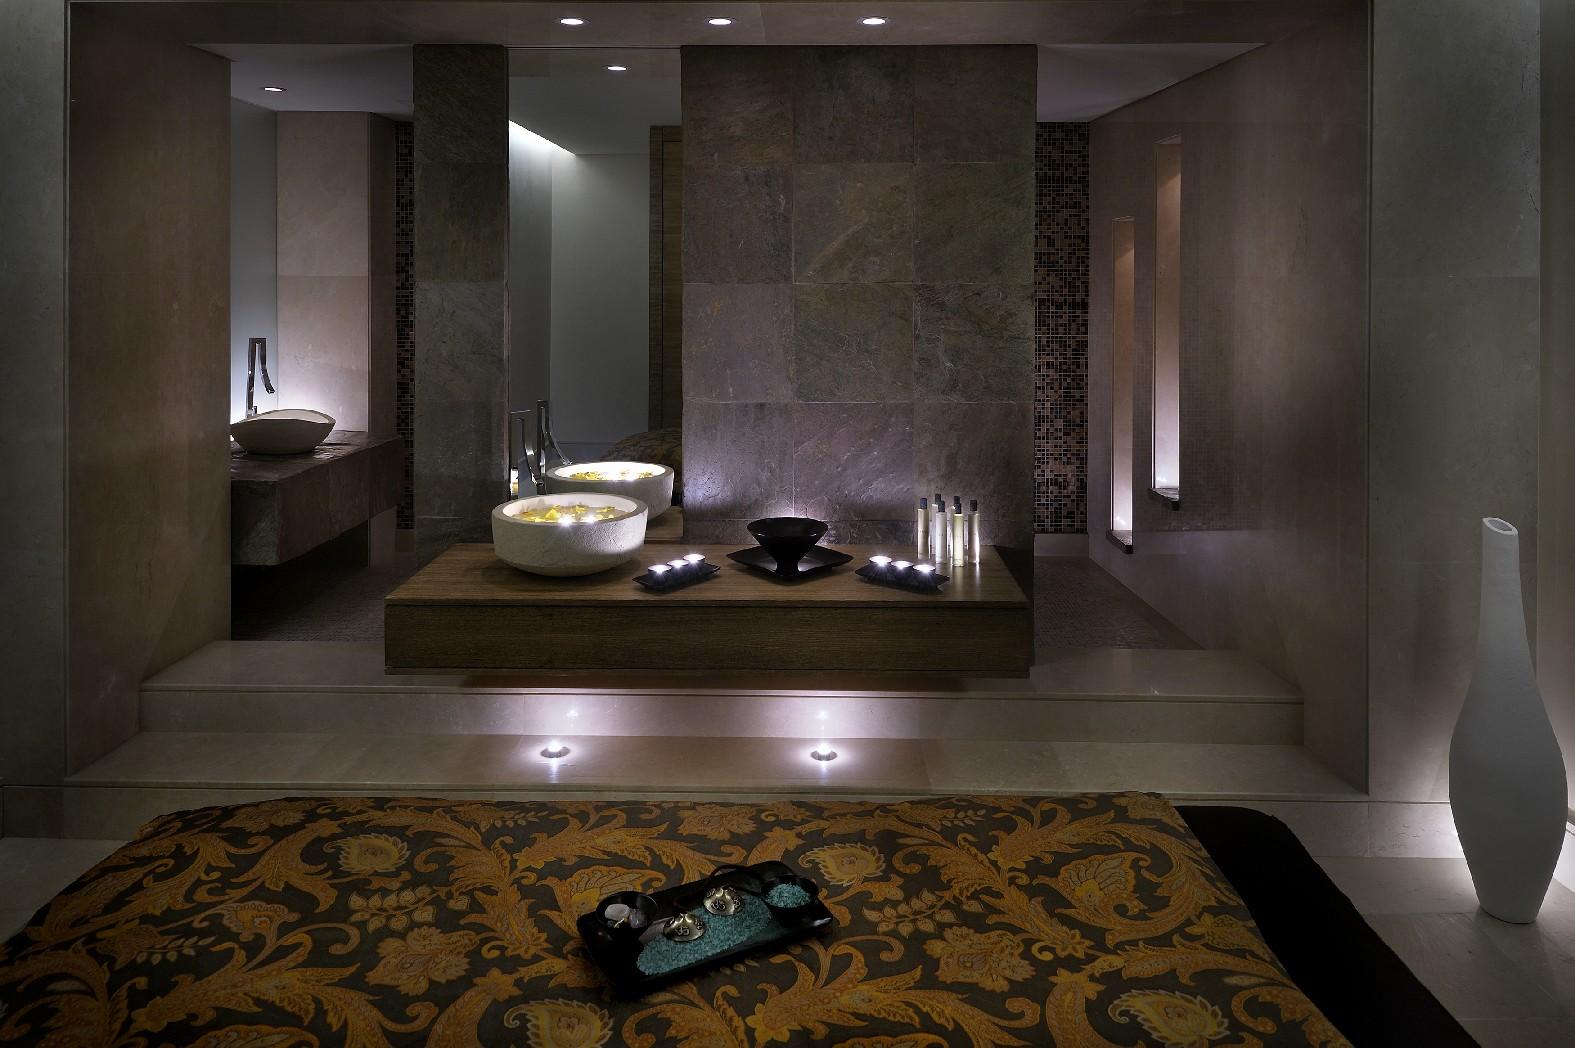 Spas salons dubai fountain for Best spa hotel dubai